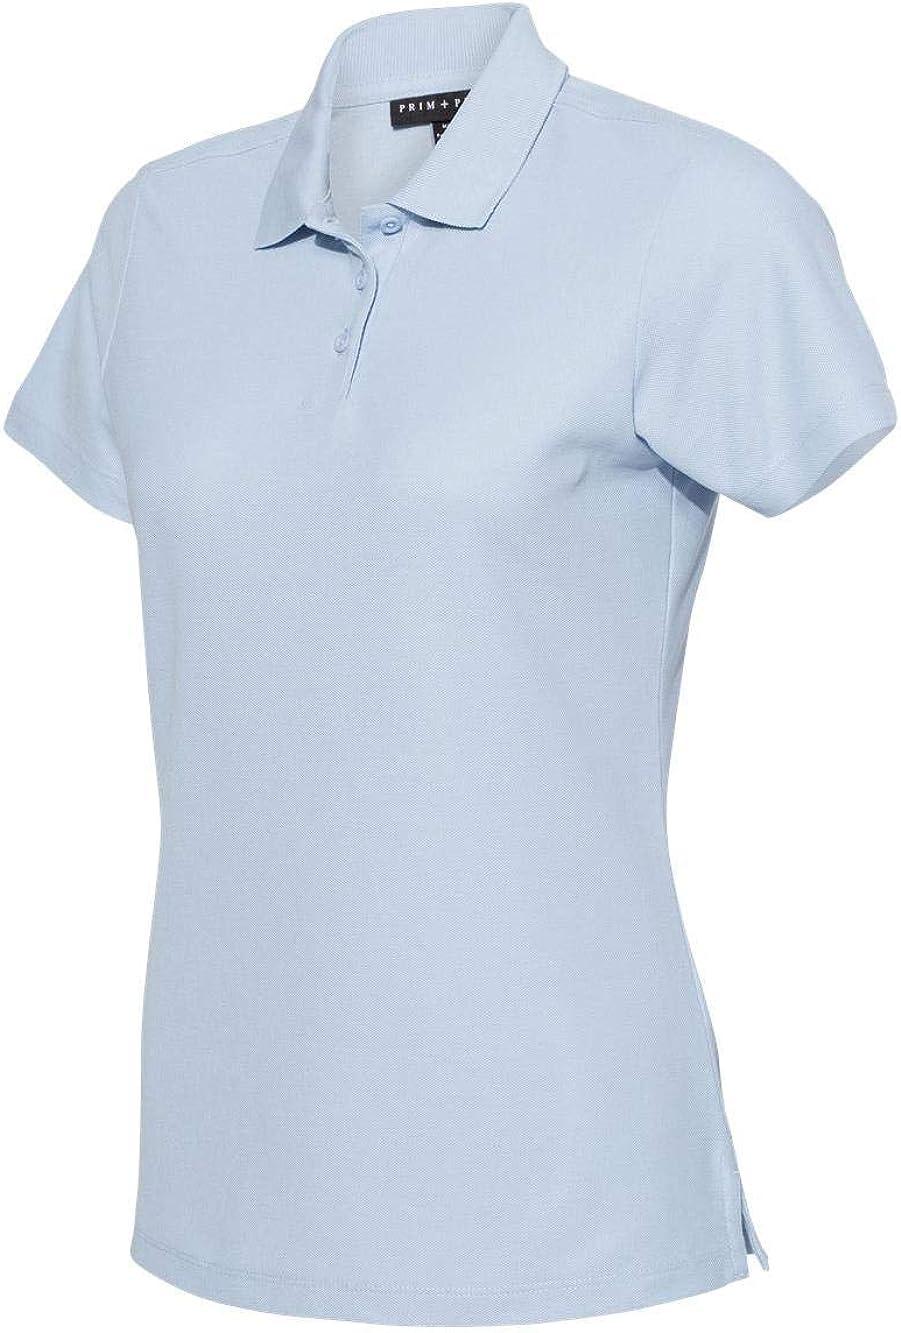 Prim + Preux - Women's Smart Sport Shirt - 2011L - S - Sky Blue